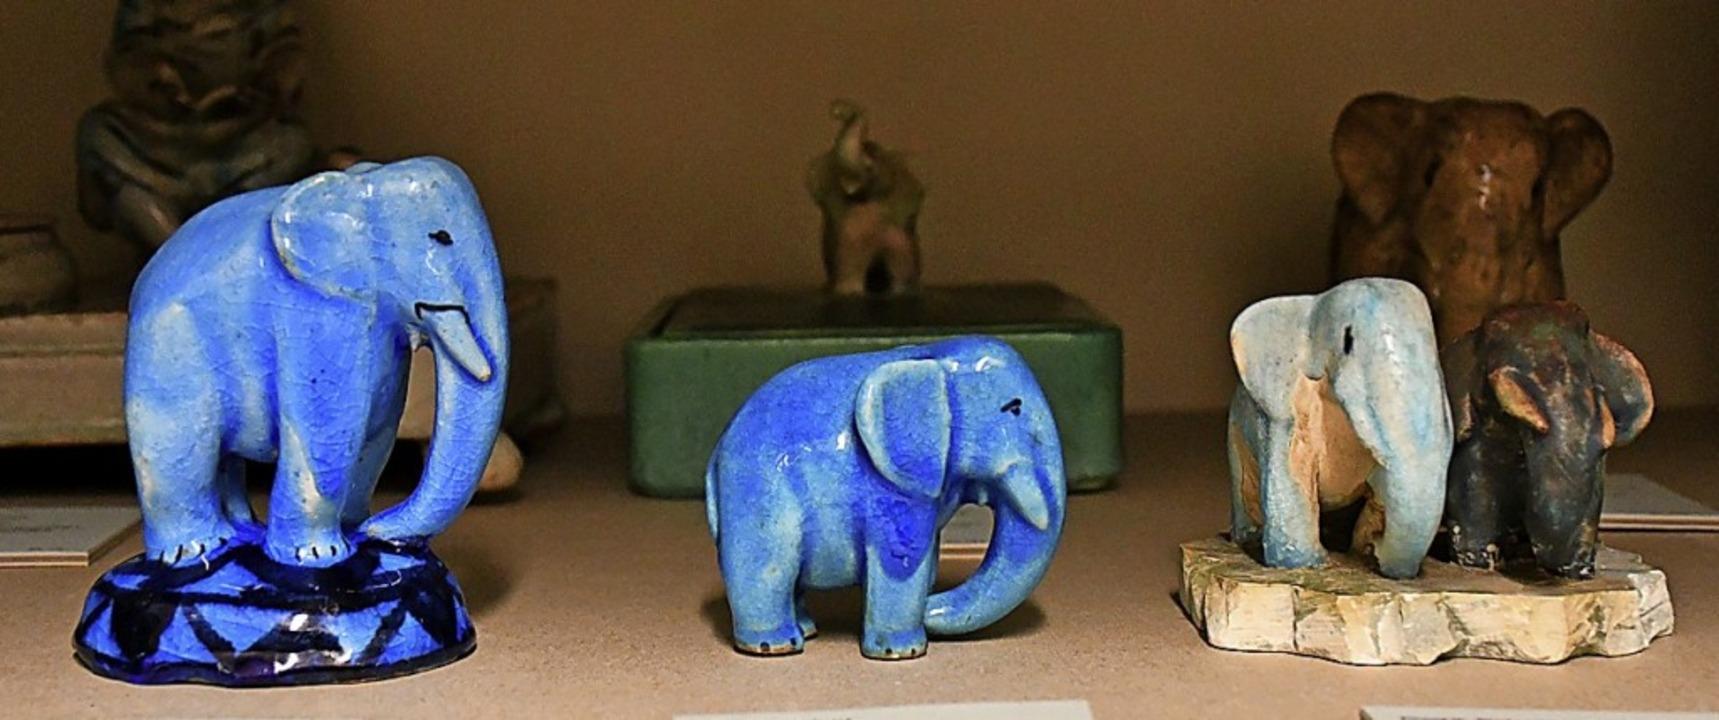 Die Museumssammlung braucht ein angemessenes Depot.    Foto: Barbara Ruda